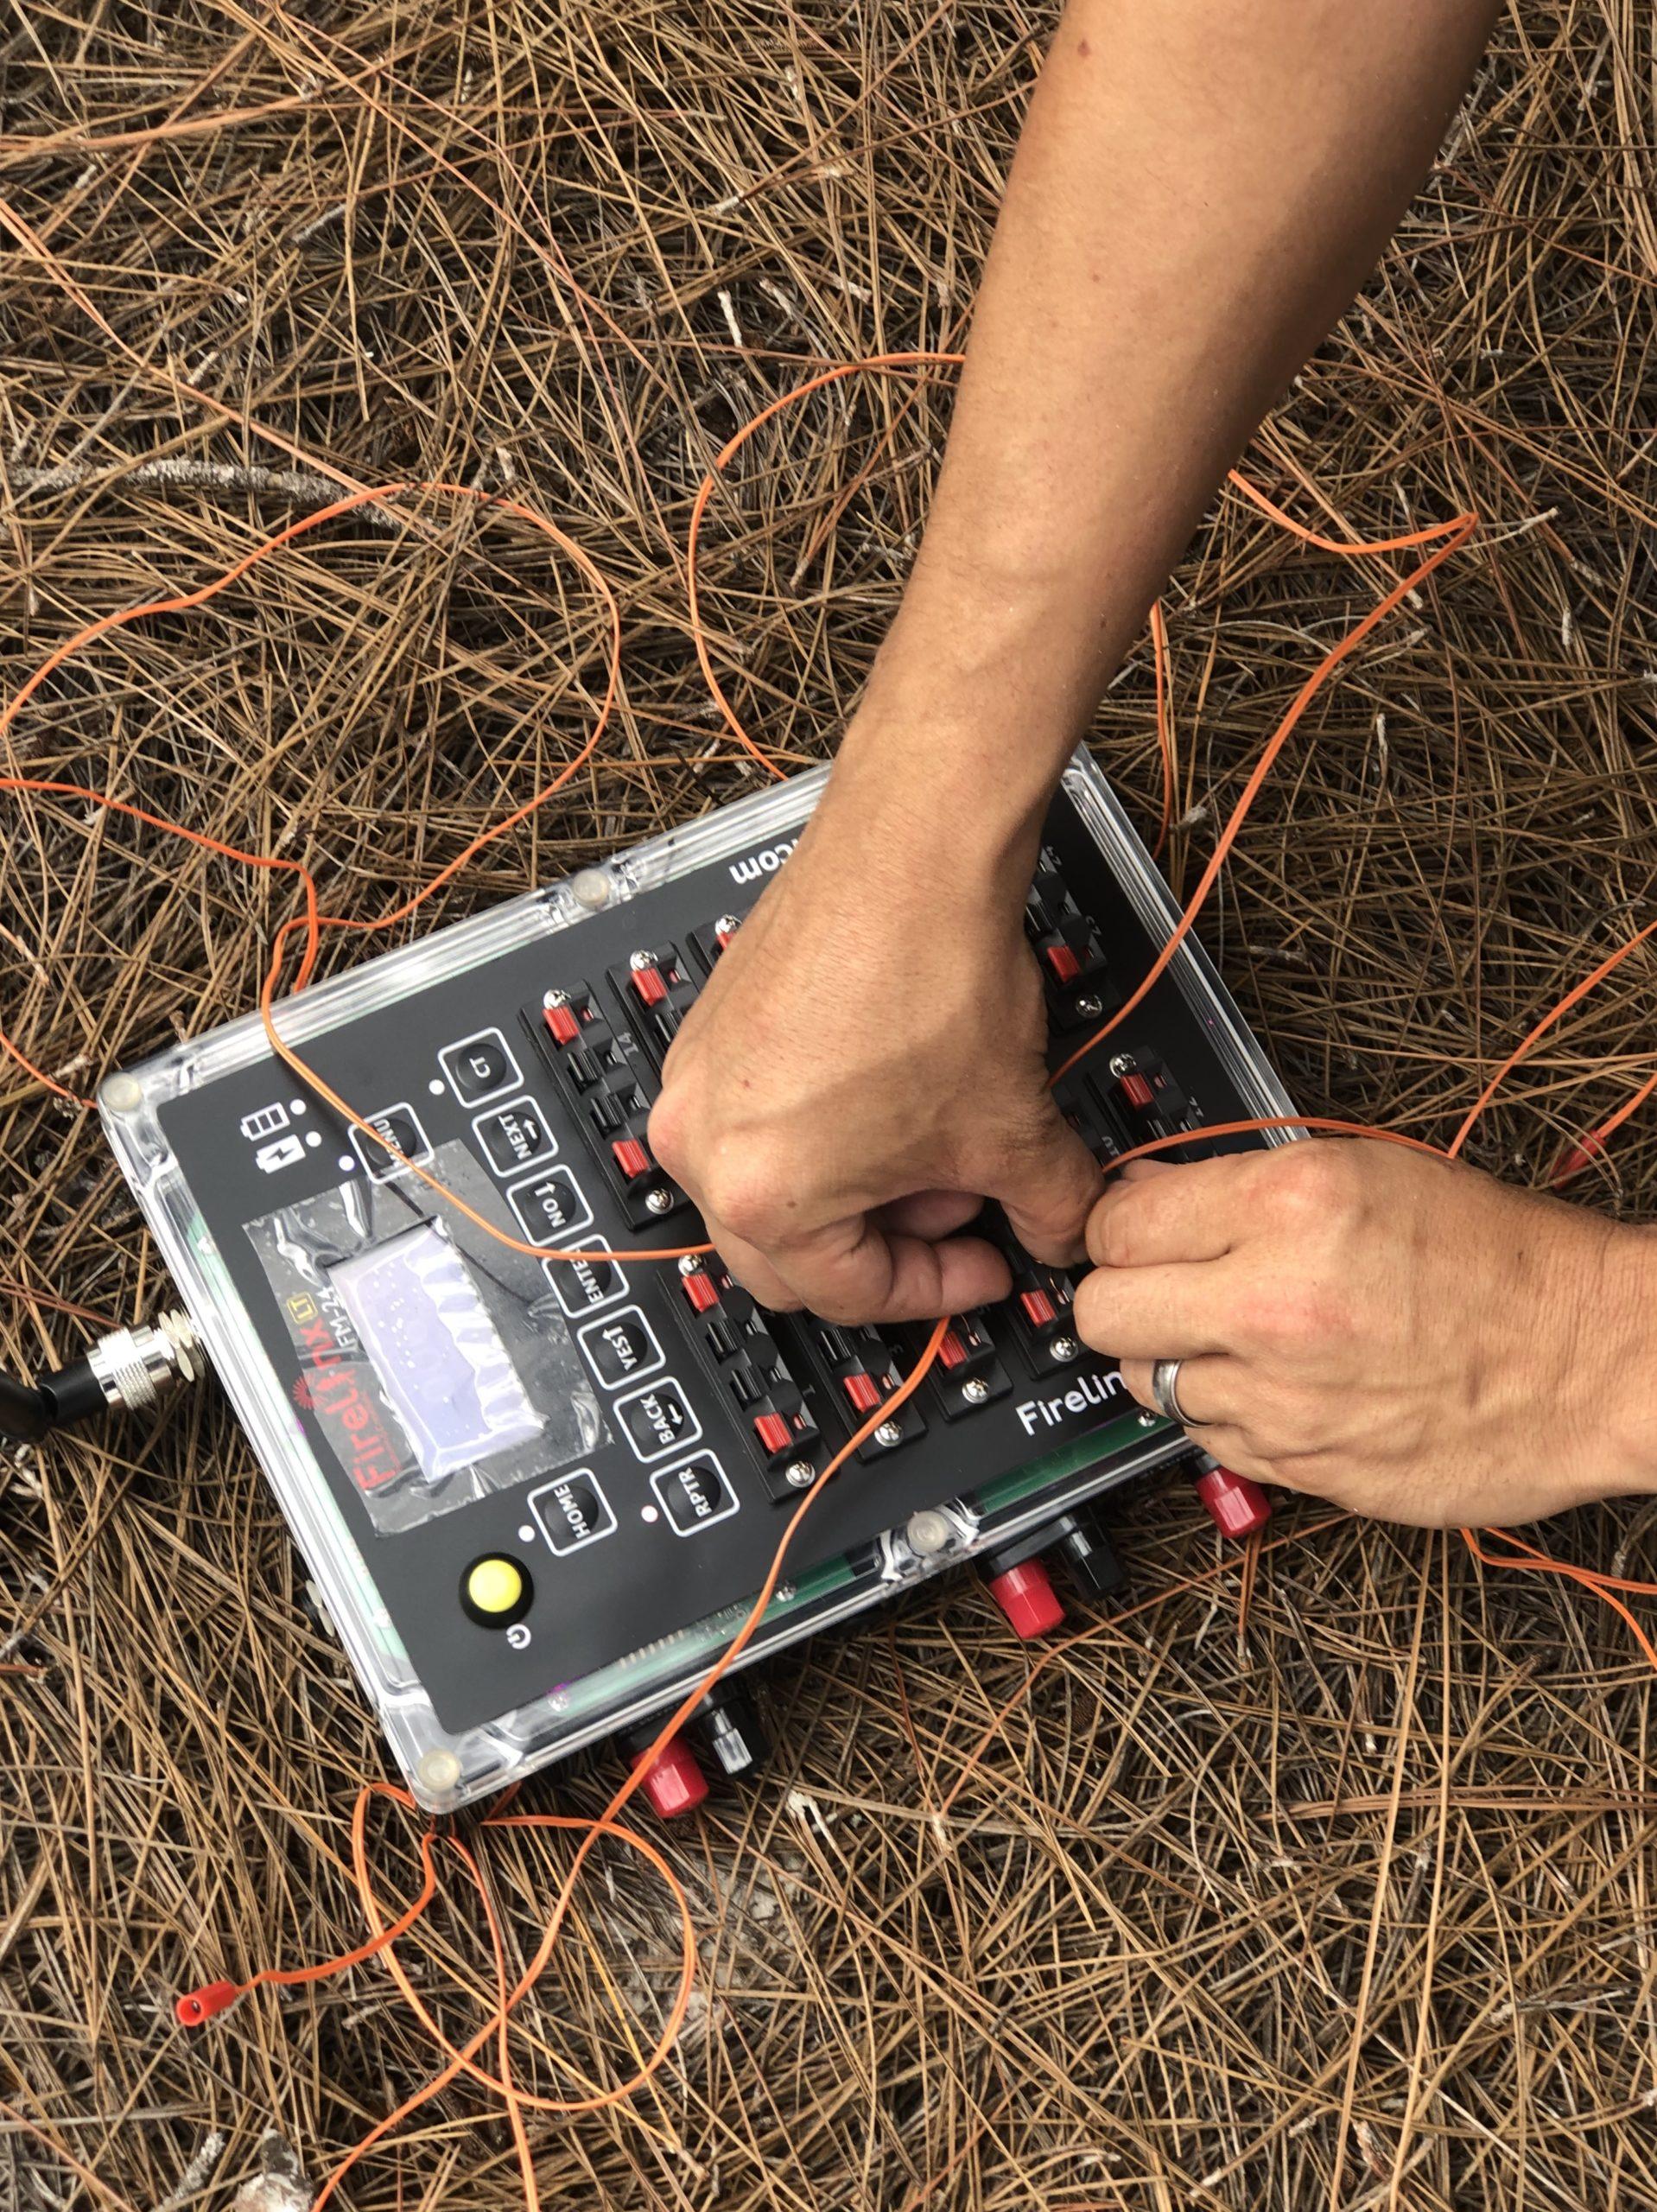 Wiring a Firing Module - Firelinx